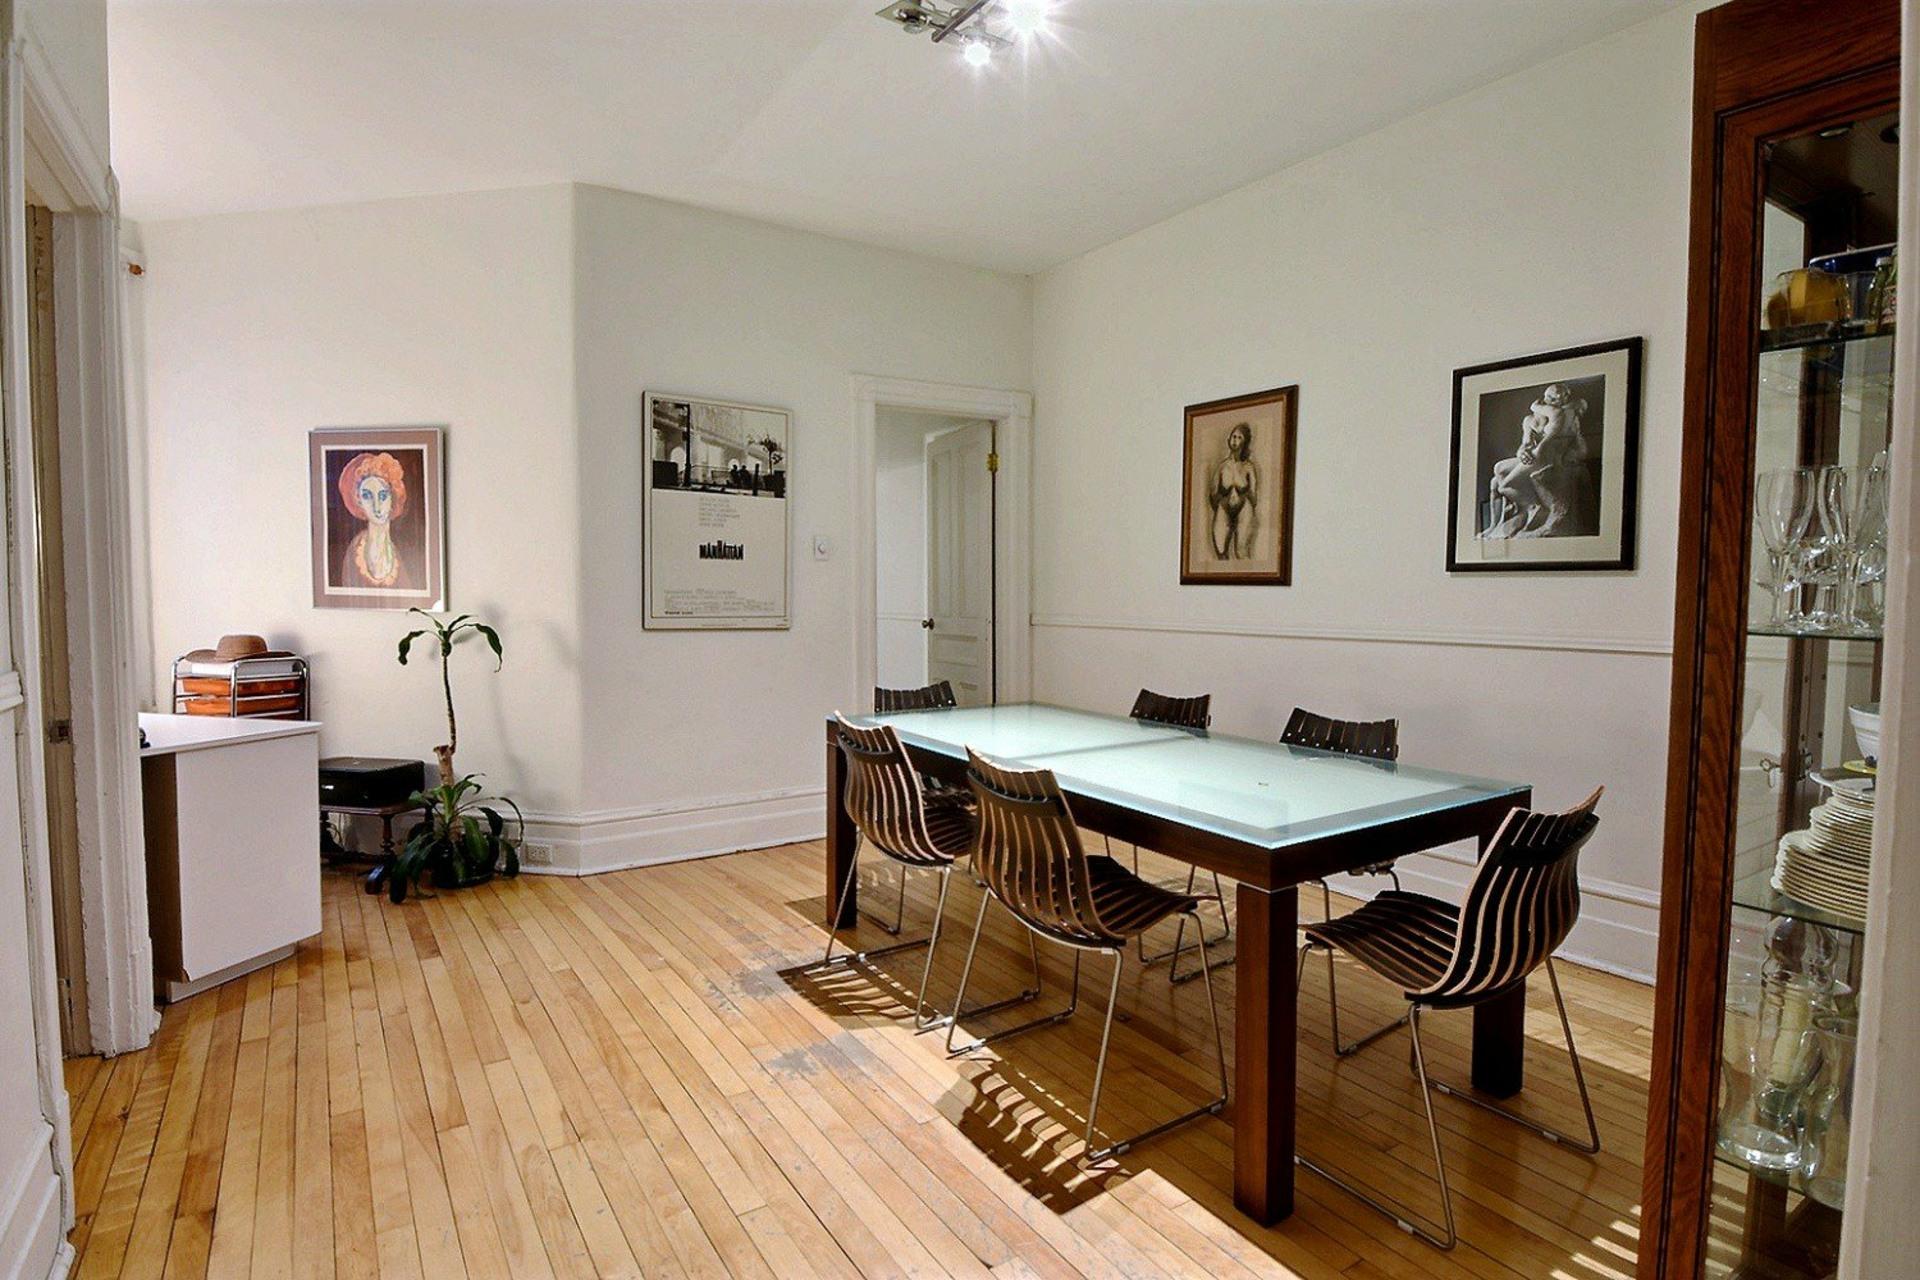 image 4 - Appartement À vendre Montréal Le Plateau-Mont-Royal  - 7 pièces